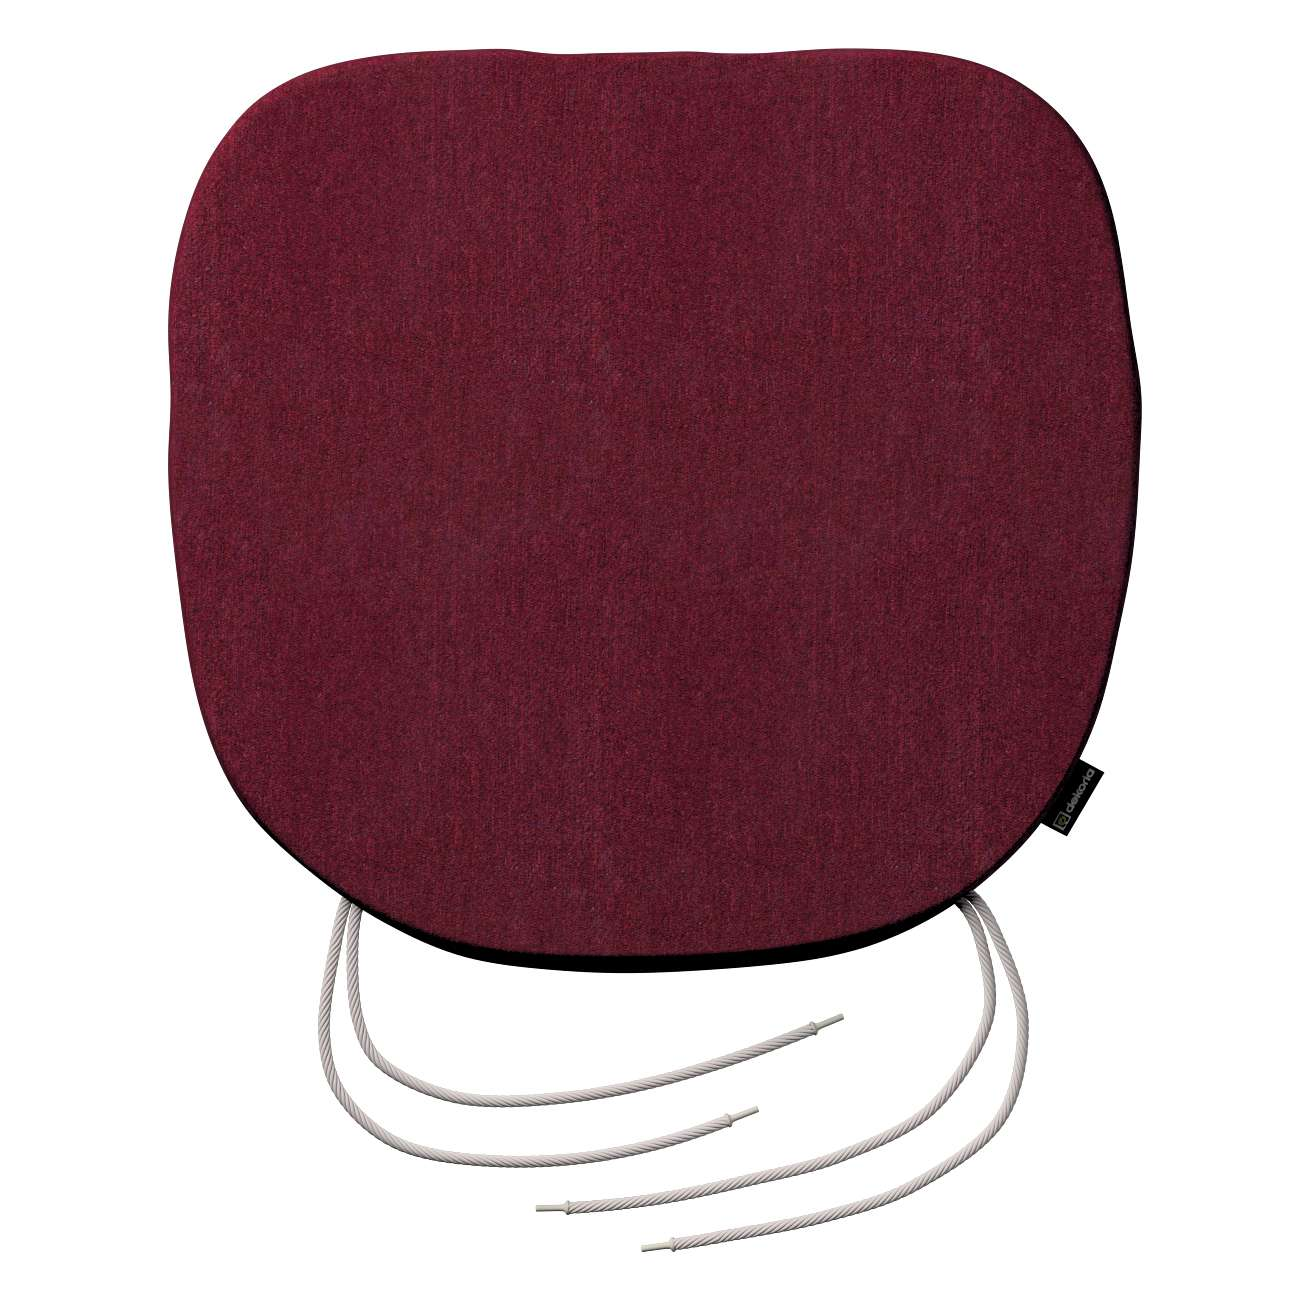 Siedzisko Bartek na krzesło 40x37x2,5cm w kolekcji Chenille, tkanina: 702-19